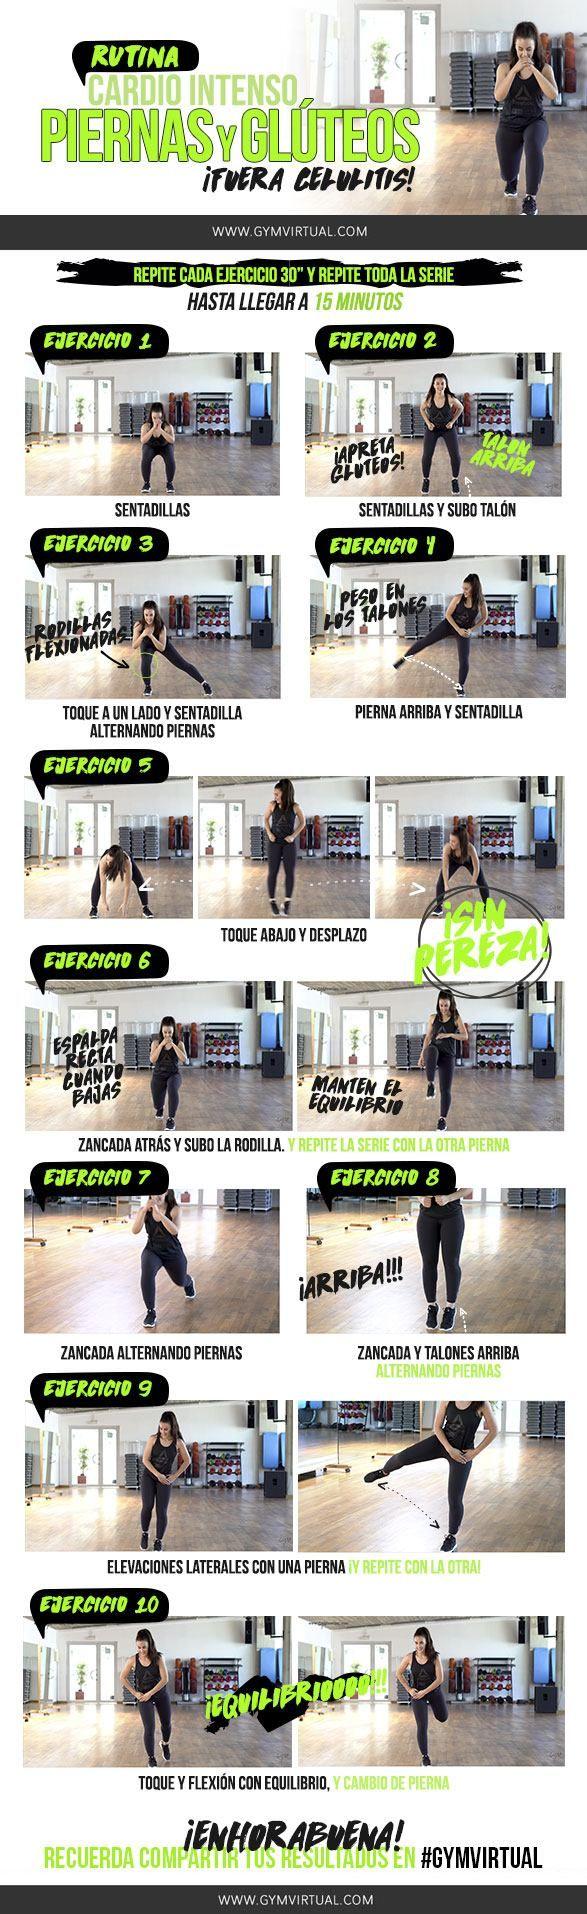 Hoy os traigo una rutina de cardio intenso, piernas y glúteos paso a paso :) Vamos a combinar ejercicios de sentadillas y otros ejercicios.